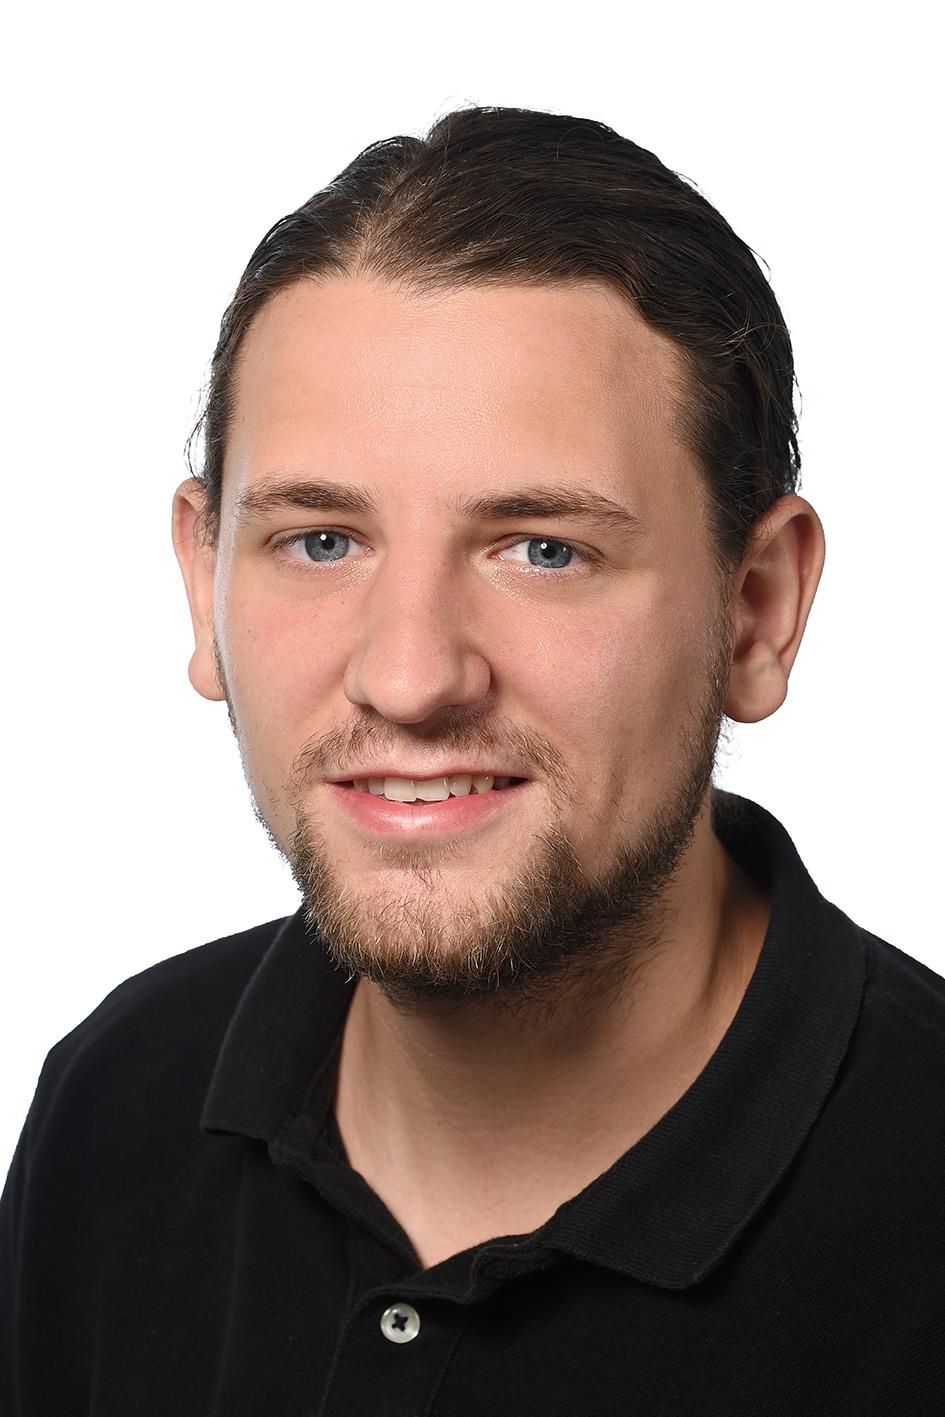 Fabian Thenen